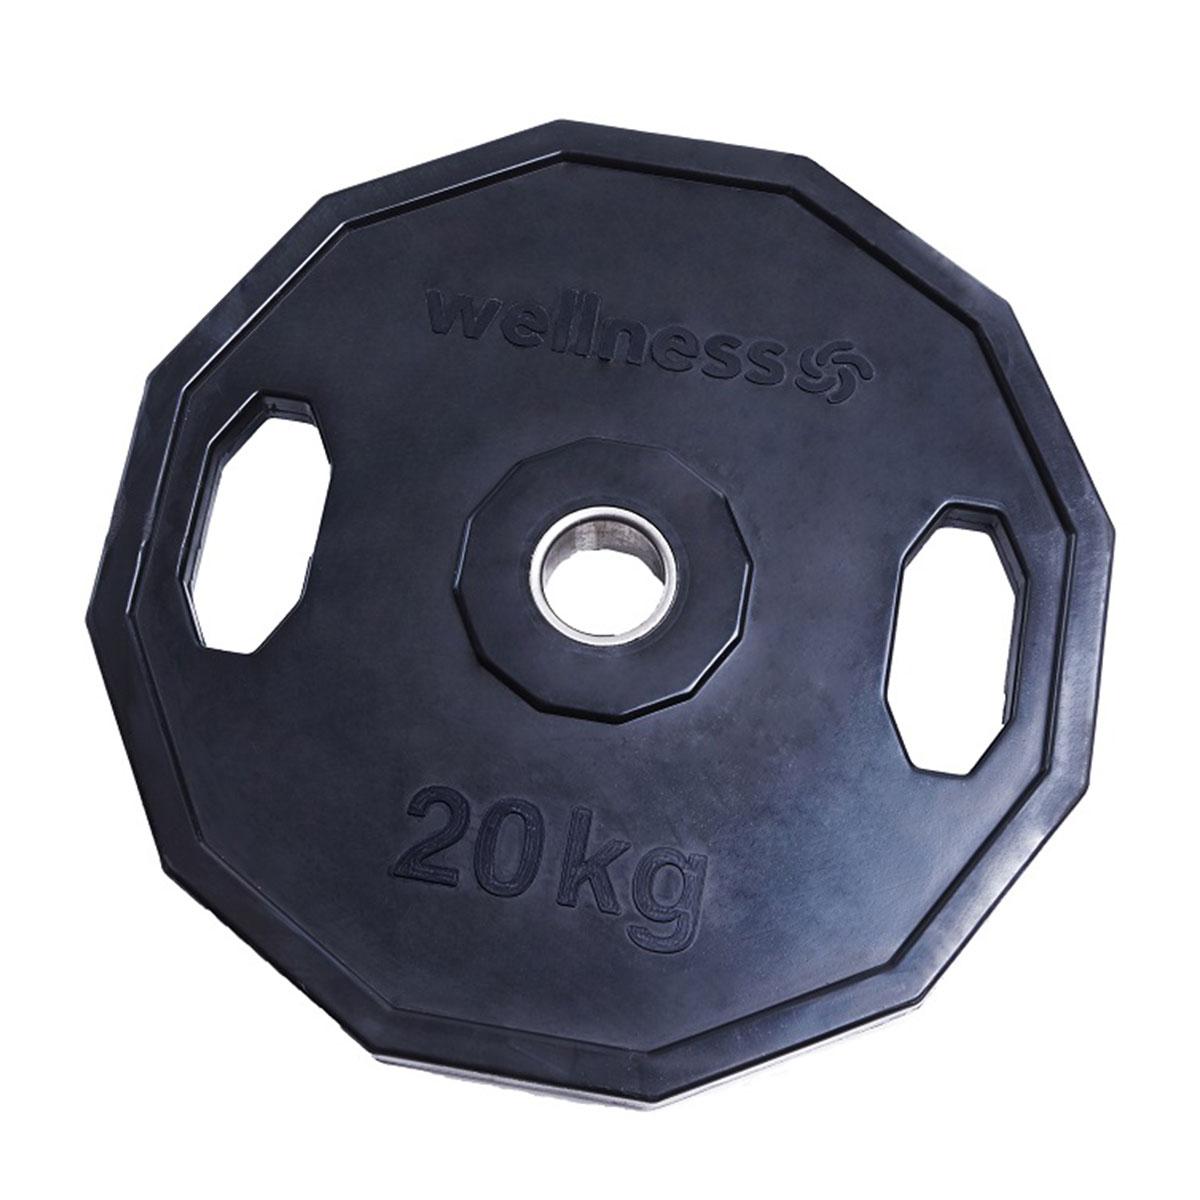 Anilha Emborrachada Furação Olímpica 12 faces 20kg Wellness